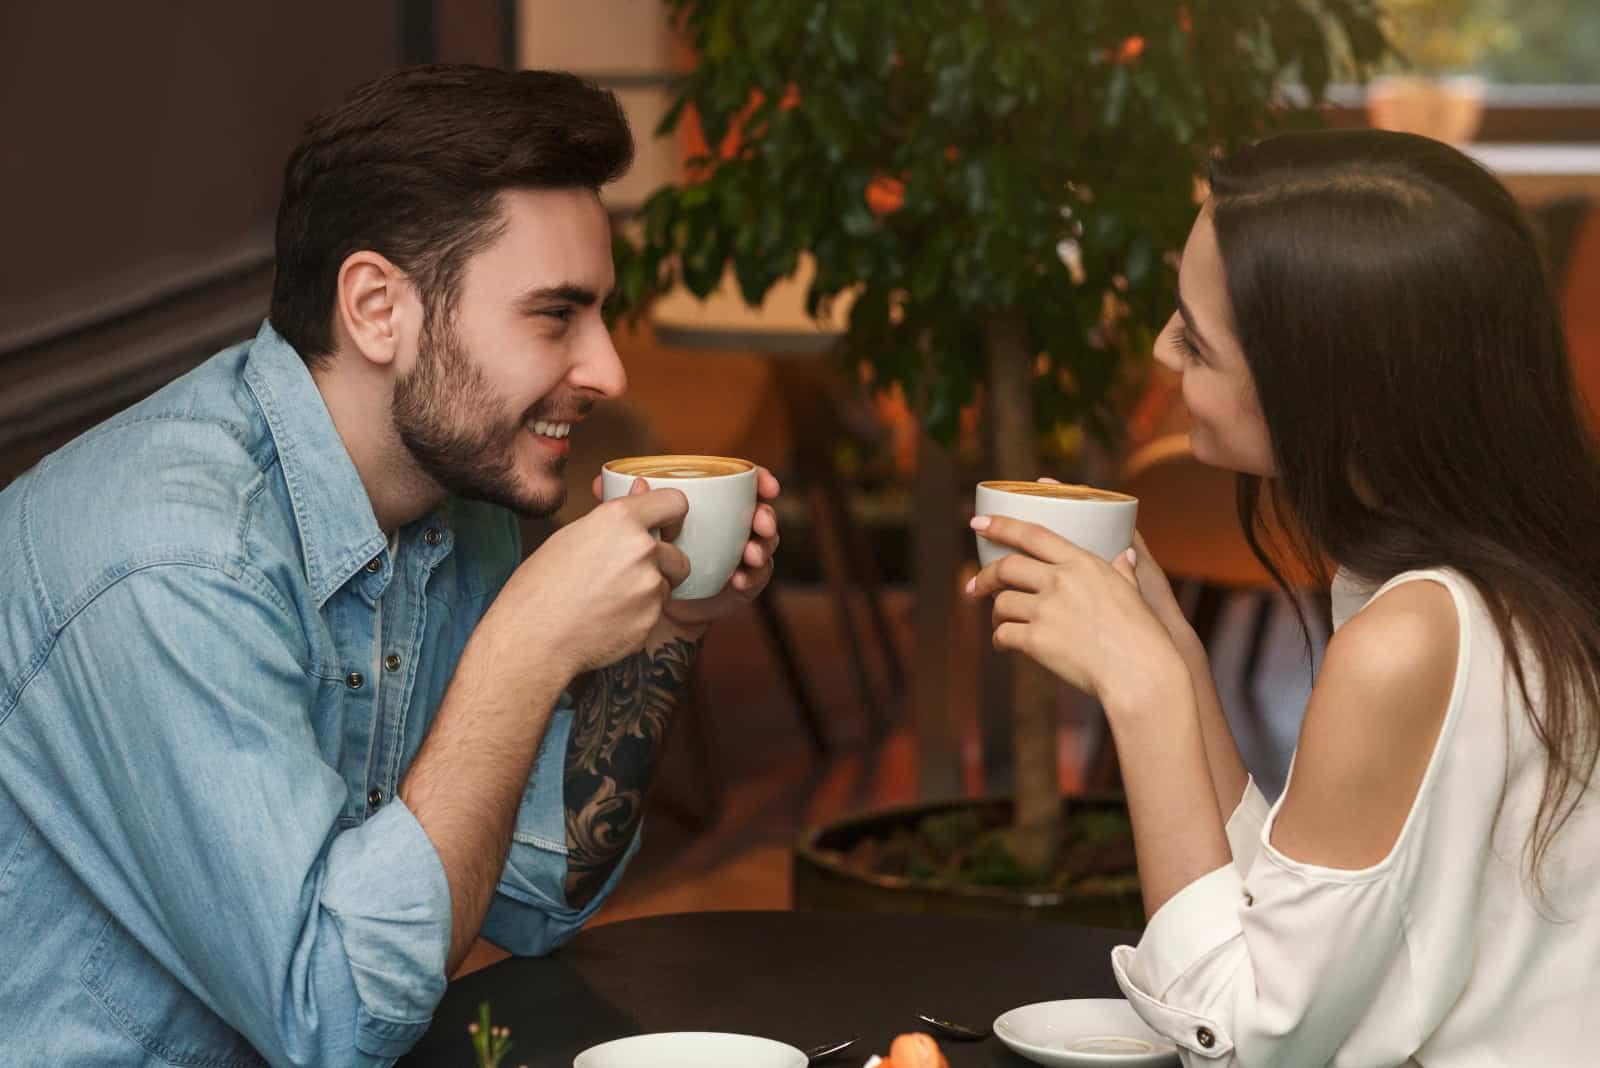 une fille et un mec dans un restaurant discutant autour d'un verre